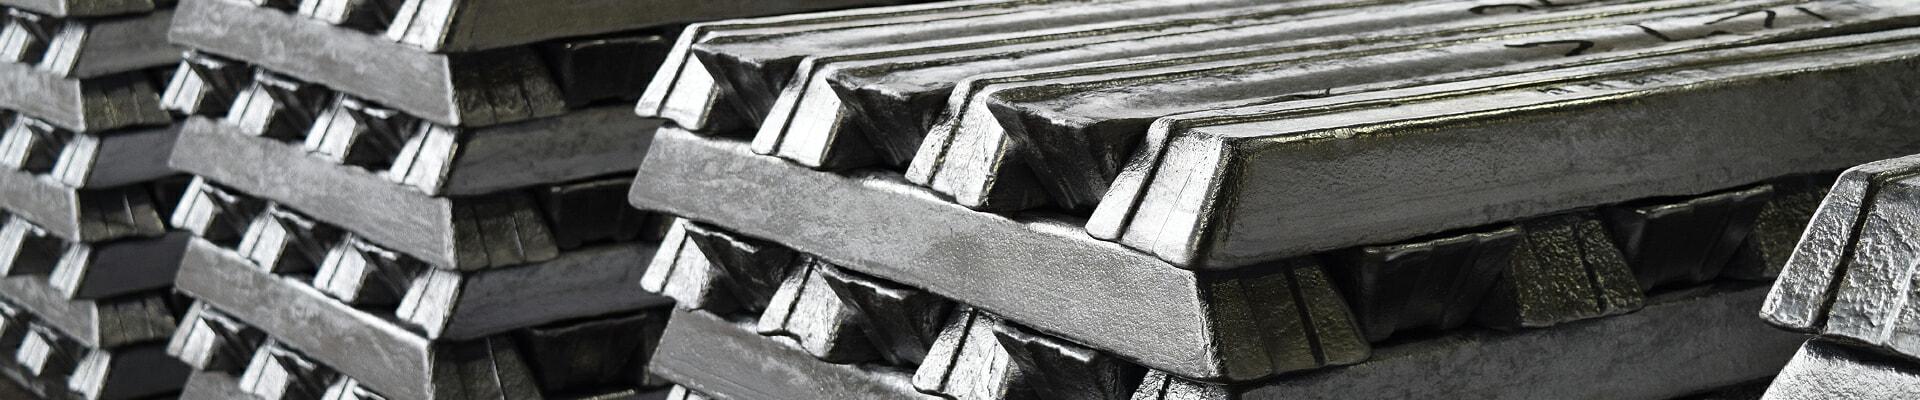 Timco aluminum ingots